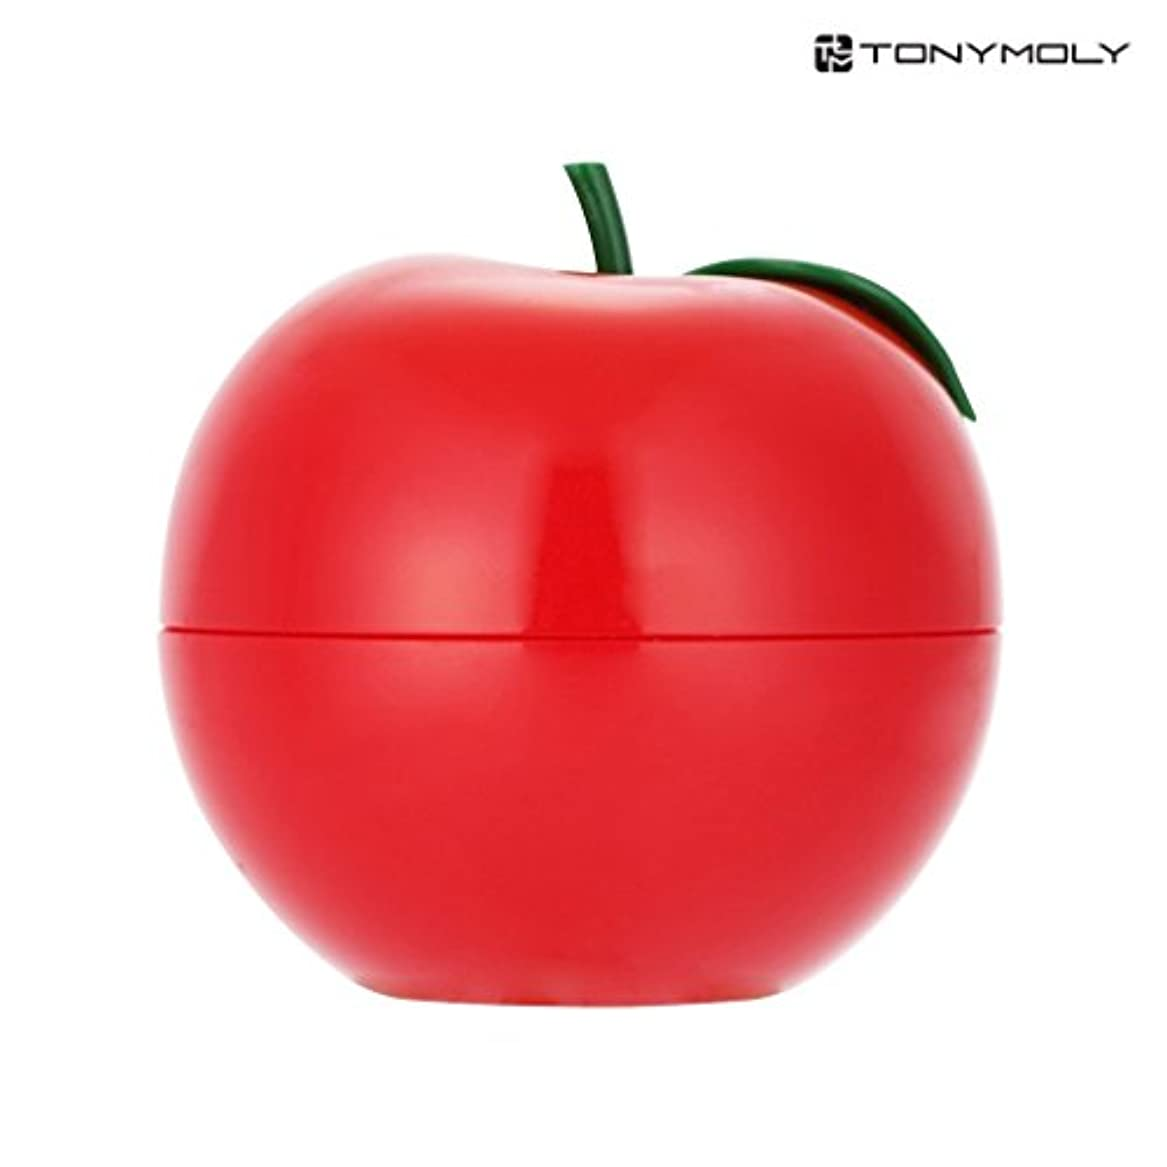 有害な符号ホイットニーTONYMOLY トニーモリー レッド?アップル?ハンドクリーム 30g (Red Apple Hand Cream) 海外直送品